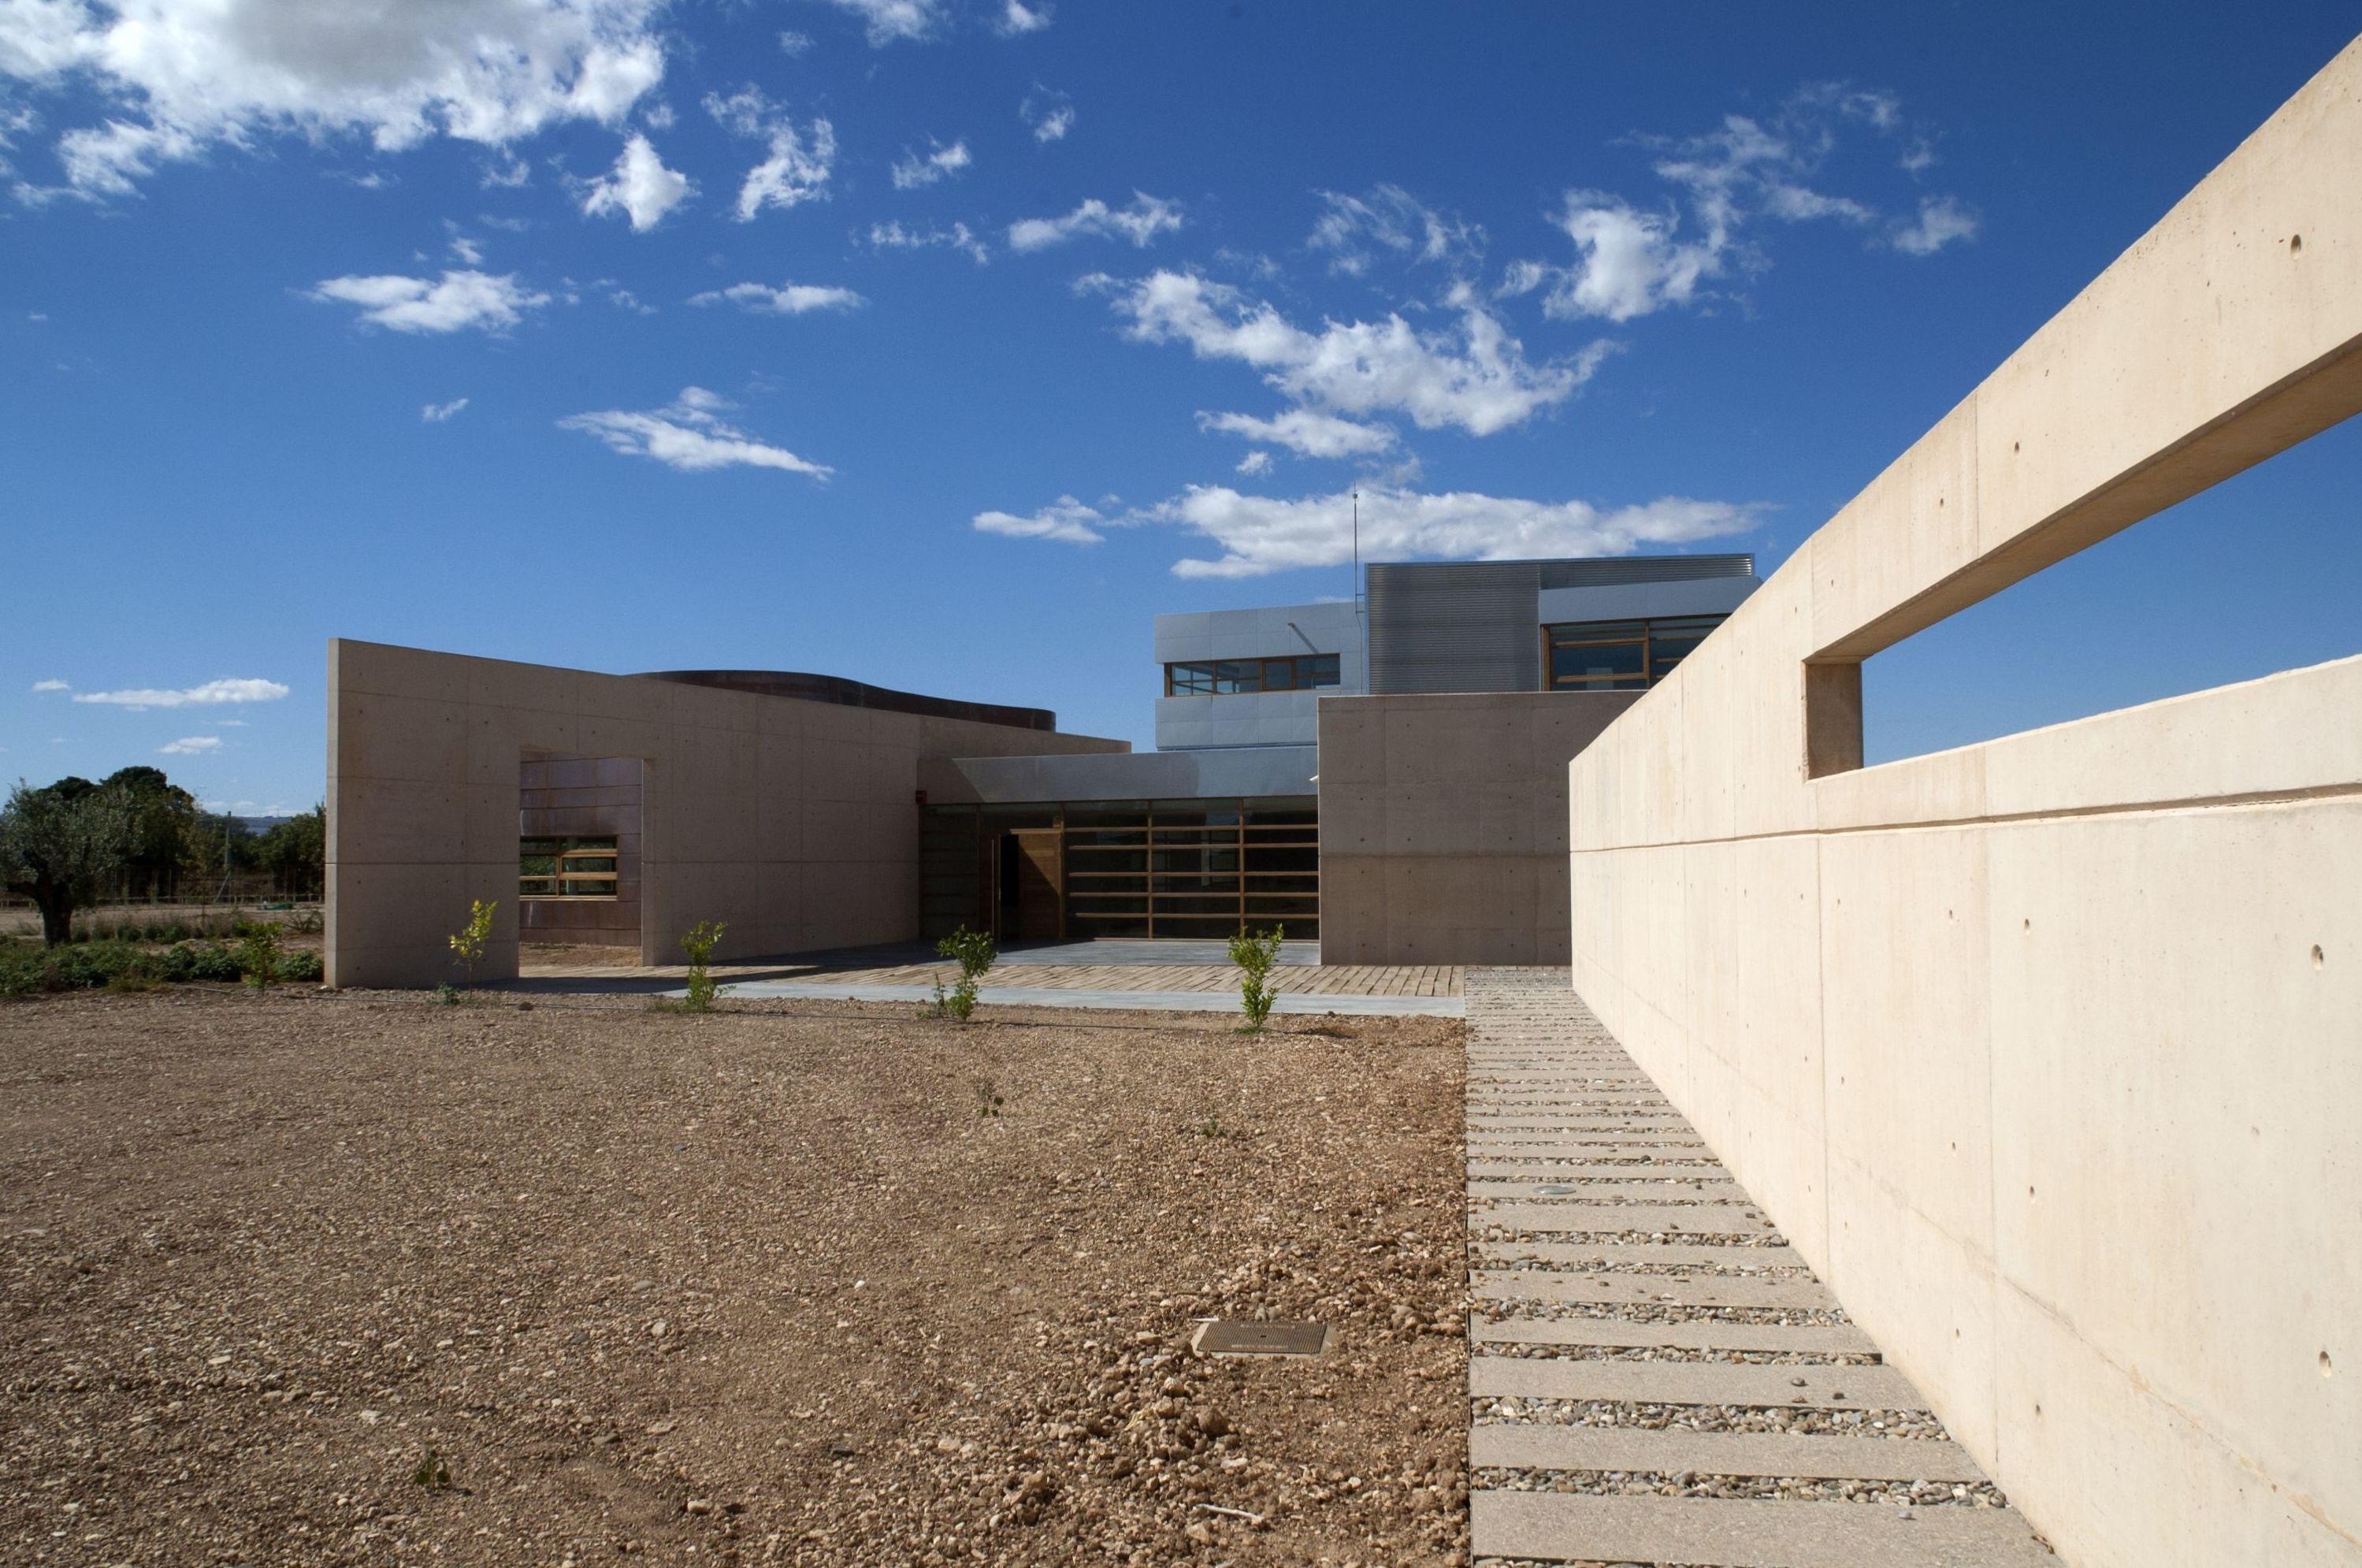 Foto 5 de Arquitectos en Zaragoza | Carlos Turégano Gastón - Arquitecto